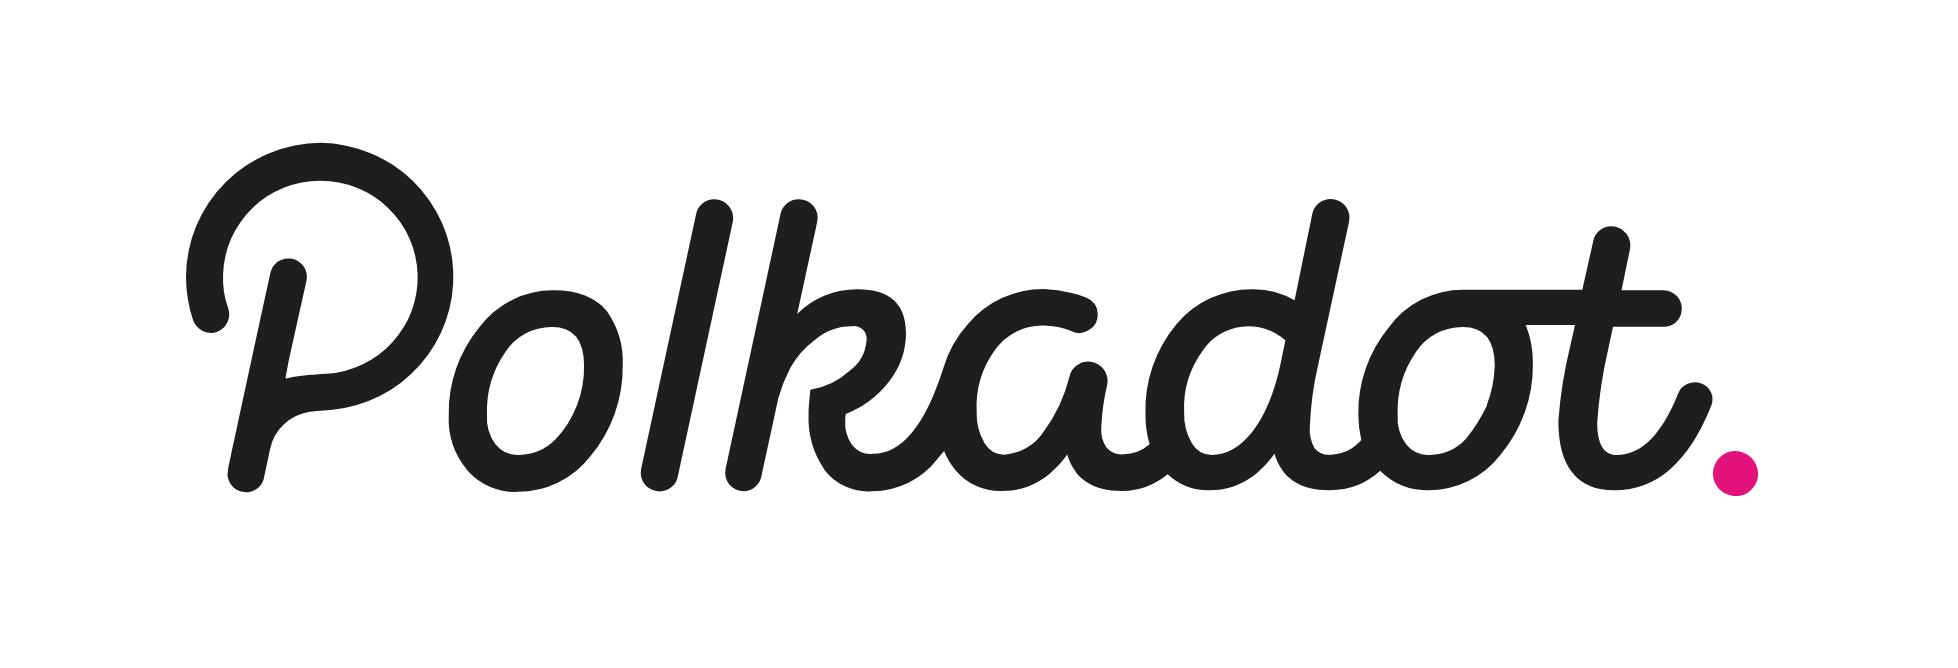 Czy kryptowaluta Polkadot ma szansęzastąpić Ethereum i stać się największym ekosystemem smart kontraktów? Sprawdzamy.